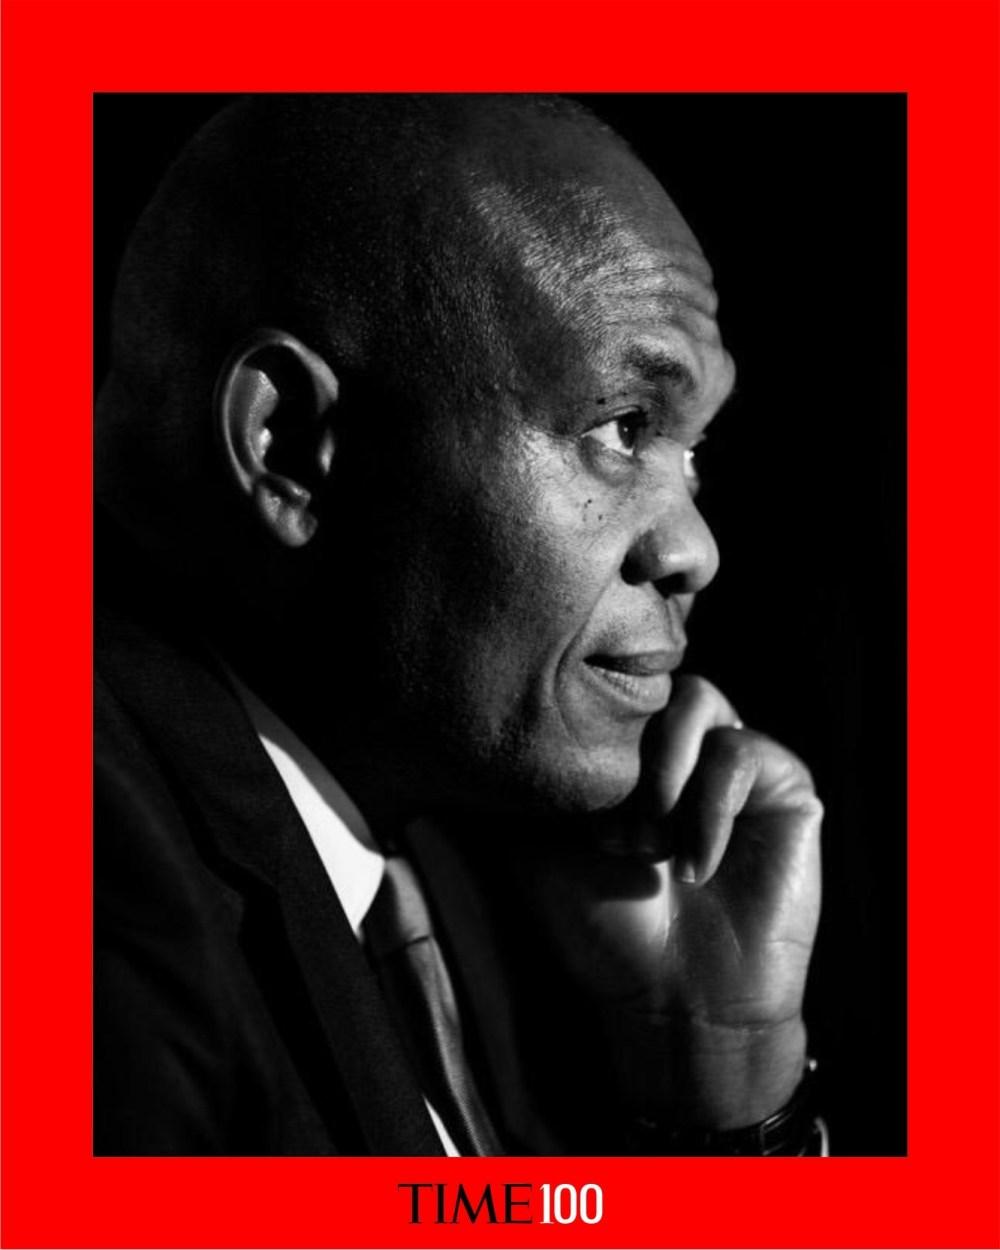 Tony Elumelu named in